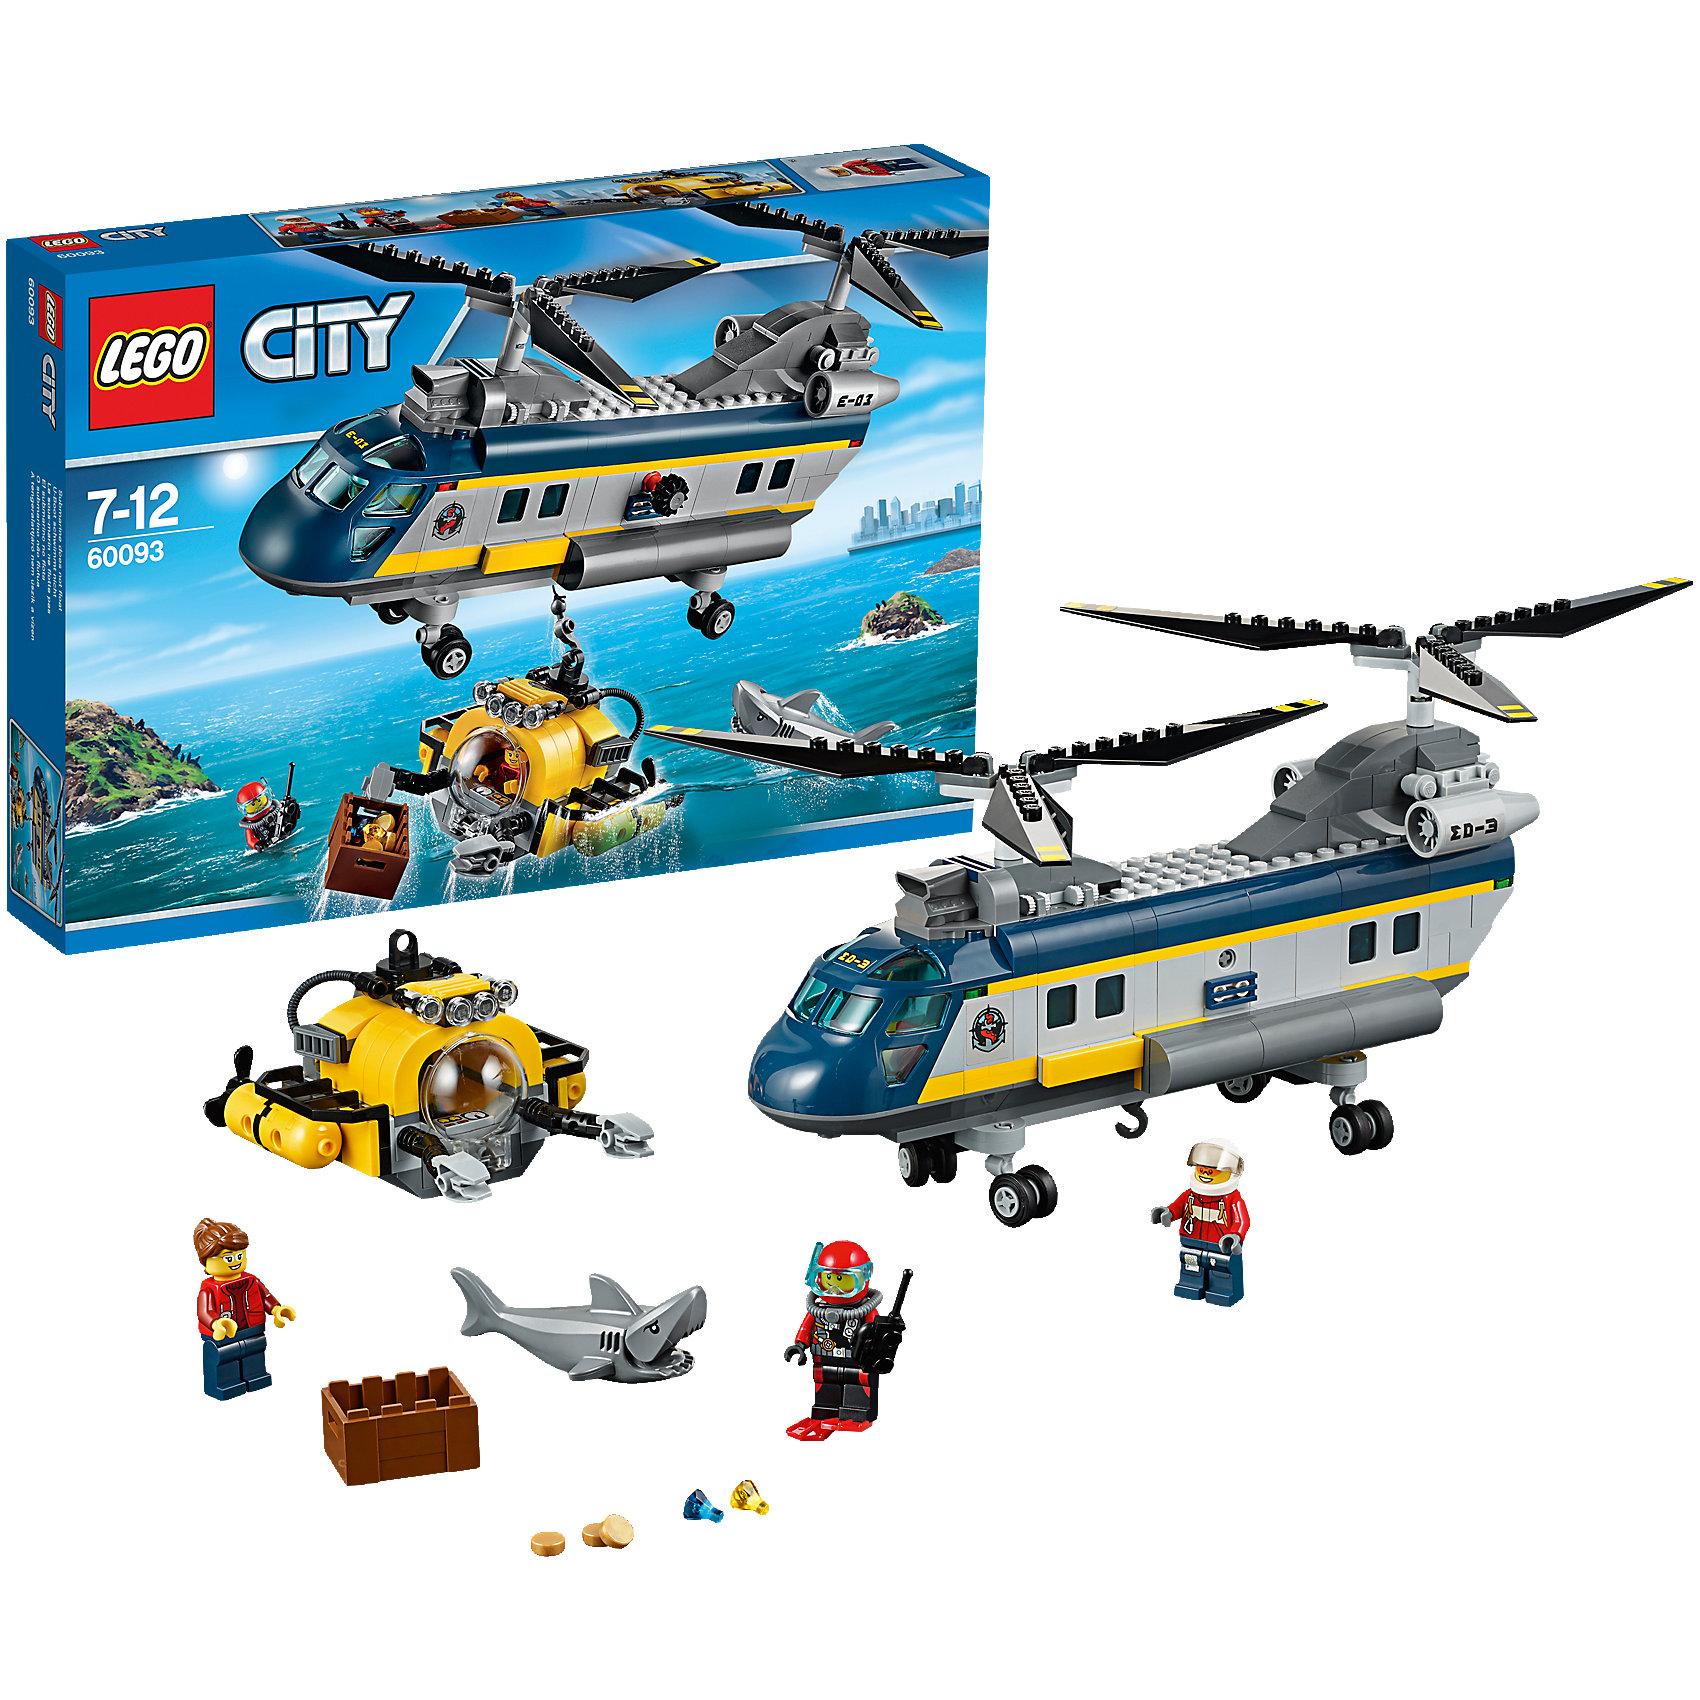 LEGO City 60093: Вертолет исследователей моряПластмассовые конструкторы<br>Замечательная новинка 2015 года от LEGO City (ЛЕГО Сити) 60093: Вертолет исследователей моря. Почувствуй себя настоящим спасателем! Храбрые исследователи планируют рискованные погружения, но зубастые обитатели морской пучины не любят, когда искатели приключений нарушают их покой. Аквалангисты используют суперсовременный батискаф для погружений. Он поможет подводникам поднять сундук с сокровищами и не стать жертвами коварной акулы. Благодаря прозрачной кабине у исследователей отличный обзор, а темноту дна осветит мощный прожектор. Подвижные манипуляторы захватят сундук с сокровищами и помогут отбить атаки акулы. Но если исследователям нужно срочно укрыться и шансы на спасение минимальны, в дело вступает суперсовременный вертолет. Пилот запускает винты и скользит над водной гладью. Как только батискаф с исследователями замечен, можно опускать лебедку и прикреплять его крюком. Разыгрывай замечательные истории из жизни пилота спасательного вертолета с набором LEGO City (ЛЕГО Сити): Вертолет исследователей моря.<br><br>В необычном городе LEGO City непременно найдется место и строгим полицейским, и доброжелательным местным жителям, и заботливым работникам скорой помощи, а также всевозможным животным и красивым цветам и растениям. Используя детали из серии LEGO City (ЛЕГО Сити) можно создать практически любой сюжет городской жизни мегаполиса. Подсерия LEGO City (ЛЕГО Сити) Дайвинг включает в себя наборы, посвященные подводным приключениям. Каждый набор позволяет собрать интересную модель, а также предлагает игровые минифигурки и тематические аксессуары.<br><br>Дополнительная информация:<br><br>- Конструкторы LEGO City (ЛЕГО Сити) развивают тактильные ощущения и помогают ребенку познавать строение мира;<br>- Количество деталей: 388 шт;<br>- В набор входит 3 минифигурки: аквалангист, пилот, подводник;<br>- Серия: LEGO City (ЛЕГО Сити);<br>- Материал: пластик;<br>- Размер упаковки: 38,2 х 26,2 х 5,7 см